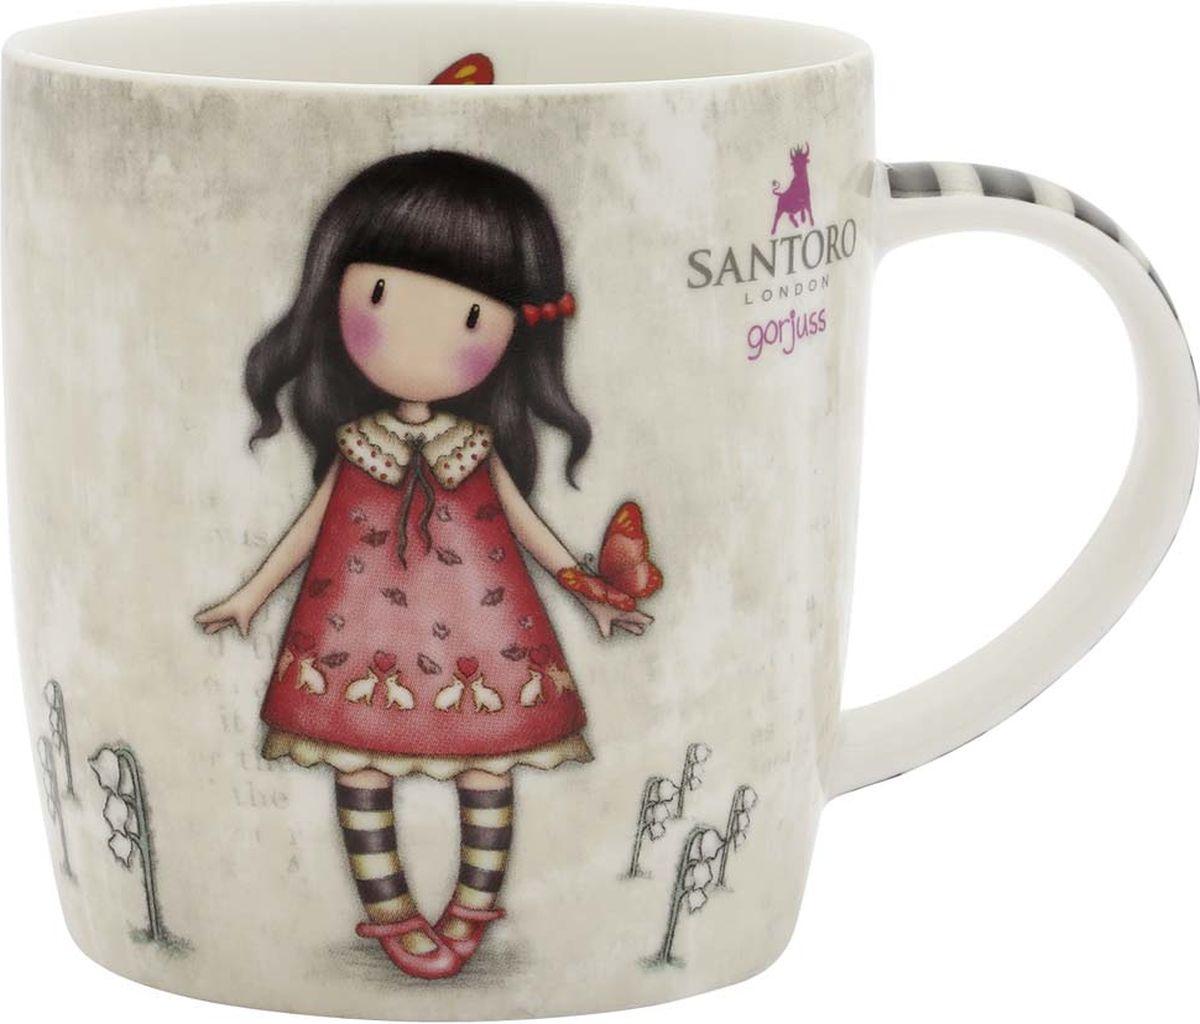 """Настало время настоящего английского чаепития с Gorjuss! Оригинальная кружка для девочек - подарок в британском стиле для любительниц чая, какао и горячего шоколада.   Сказочная кружка Santoro London """"Time to Fly"""" изготовлена из костяного фарфора.Подходит для использования в посудомоечной машине и микроволновке. Поставляется в подарочной упаковке."""